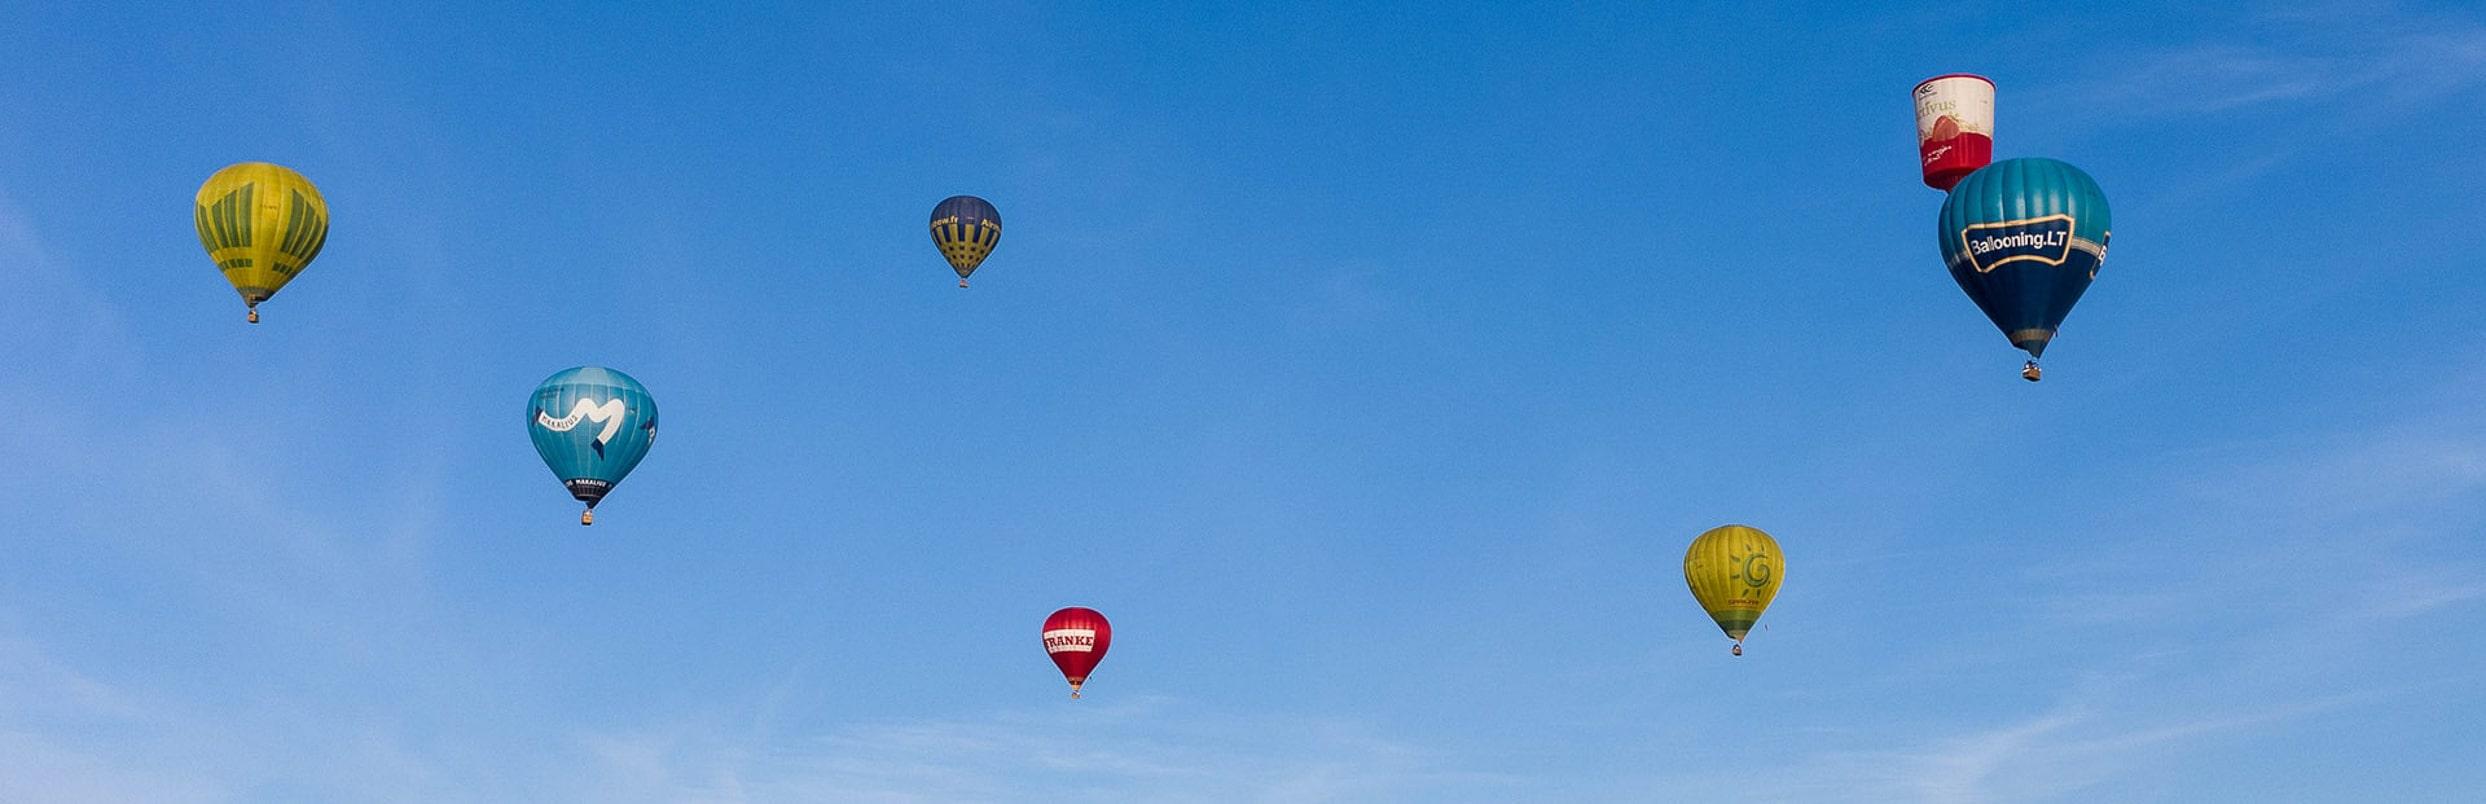 Nuotrauka balionų iš oro